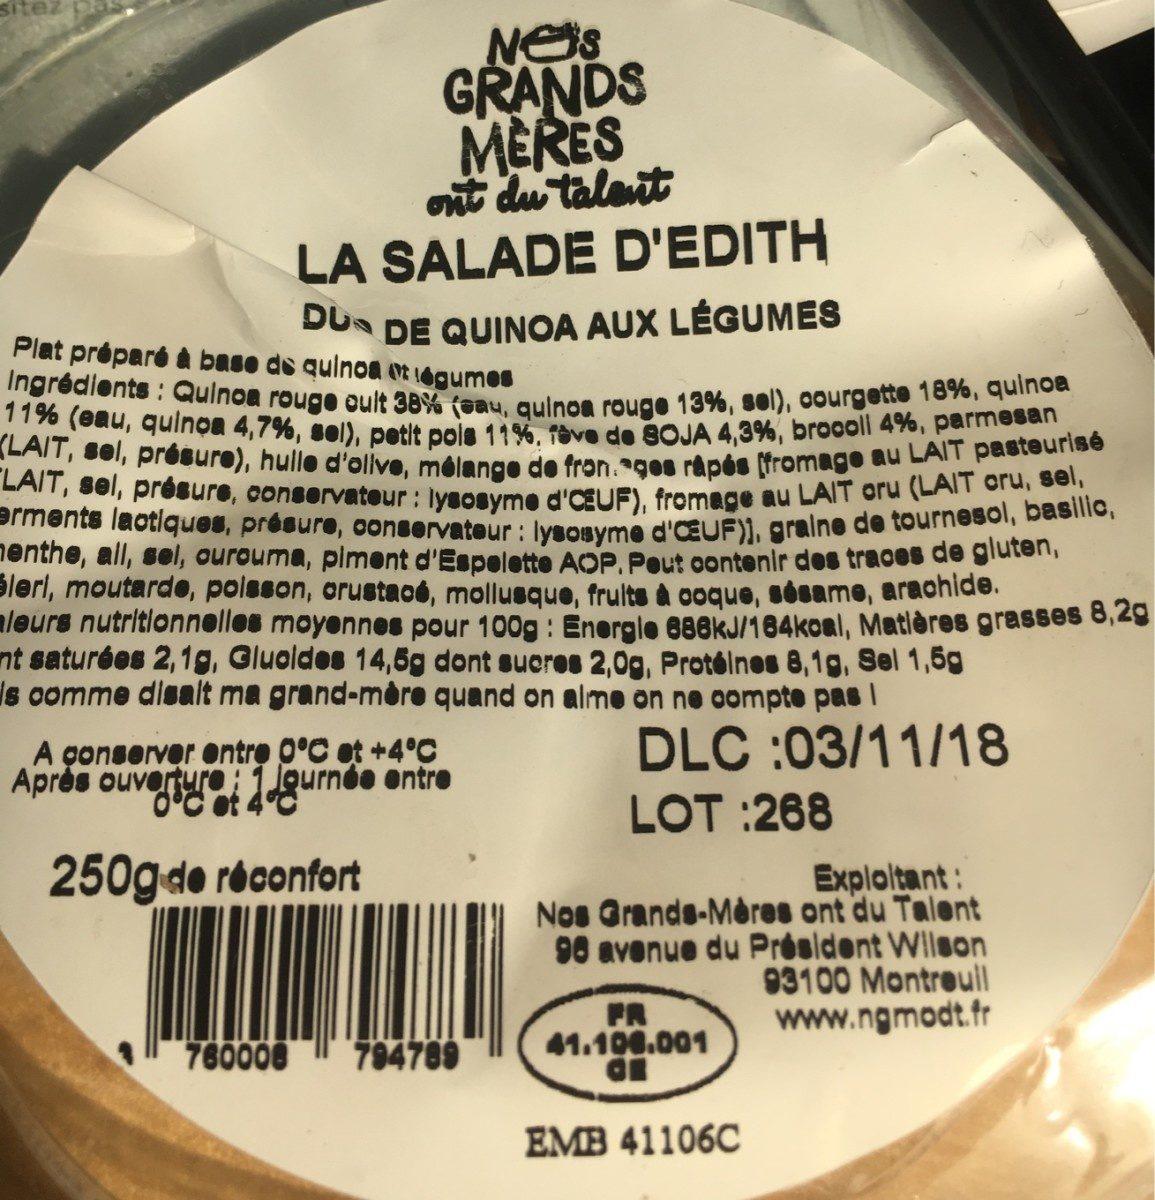 La salade d'edith - Ingrédients - fr